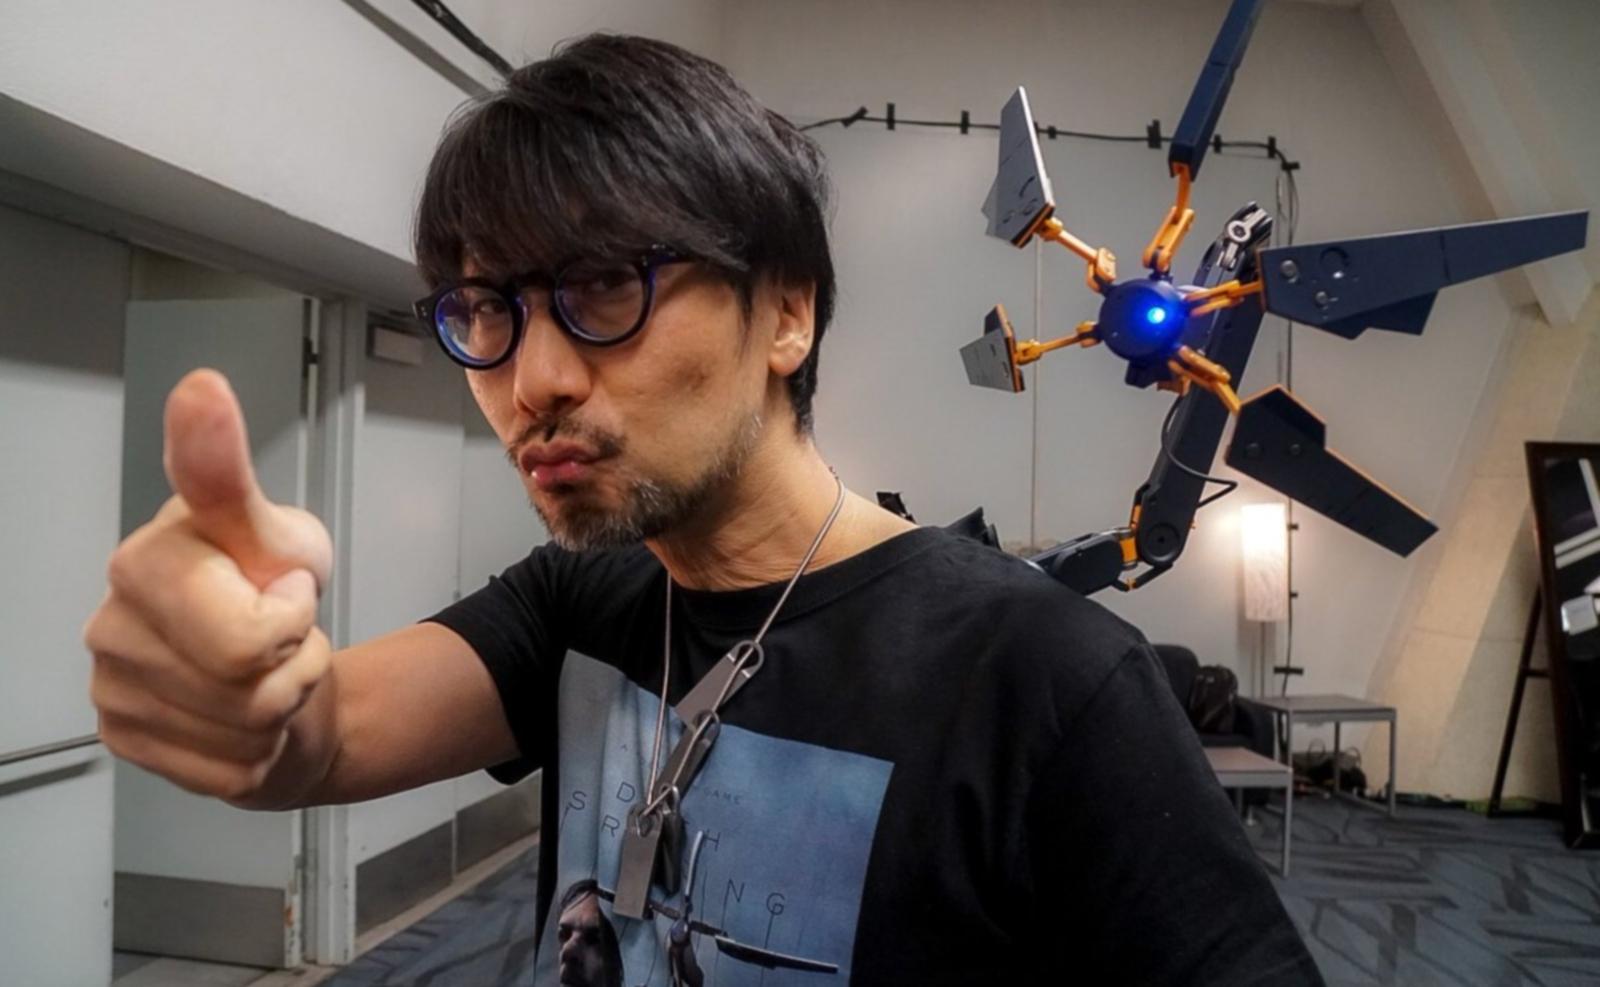 Хидео Кодзима предложил маэстро ужасов Дзюндзи Ито 1